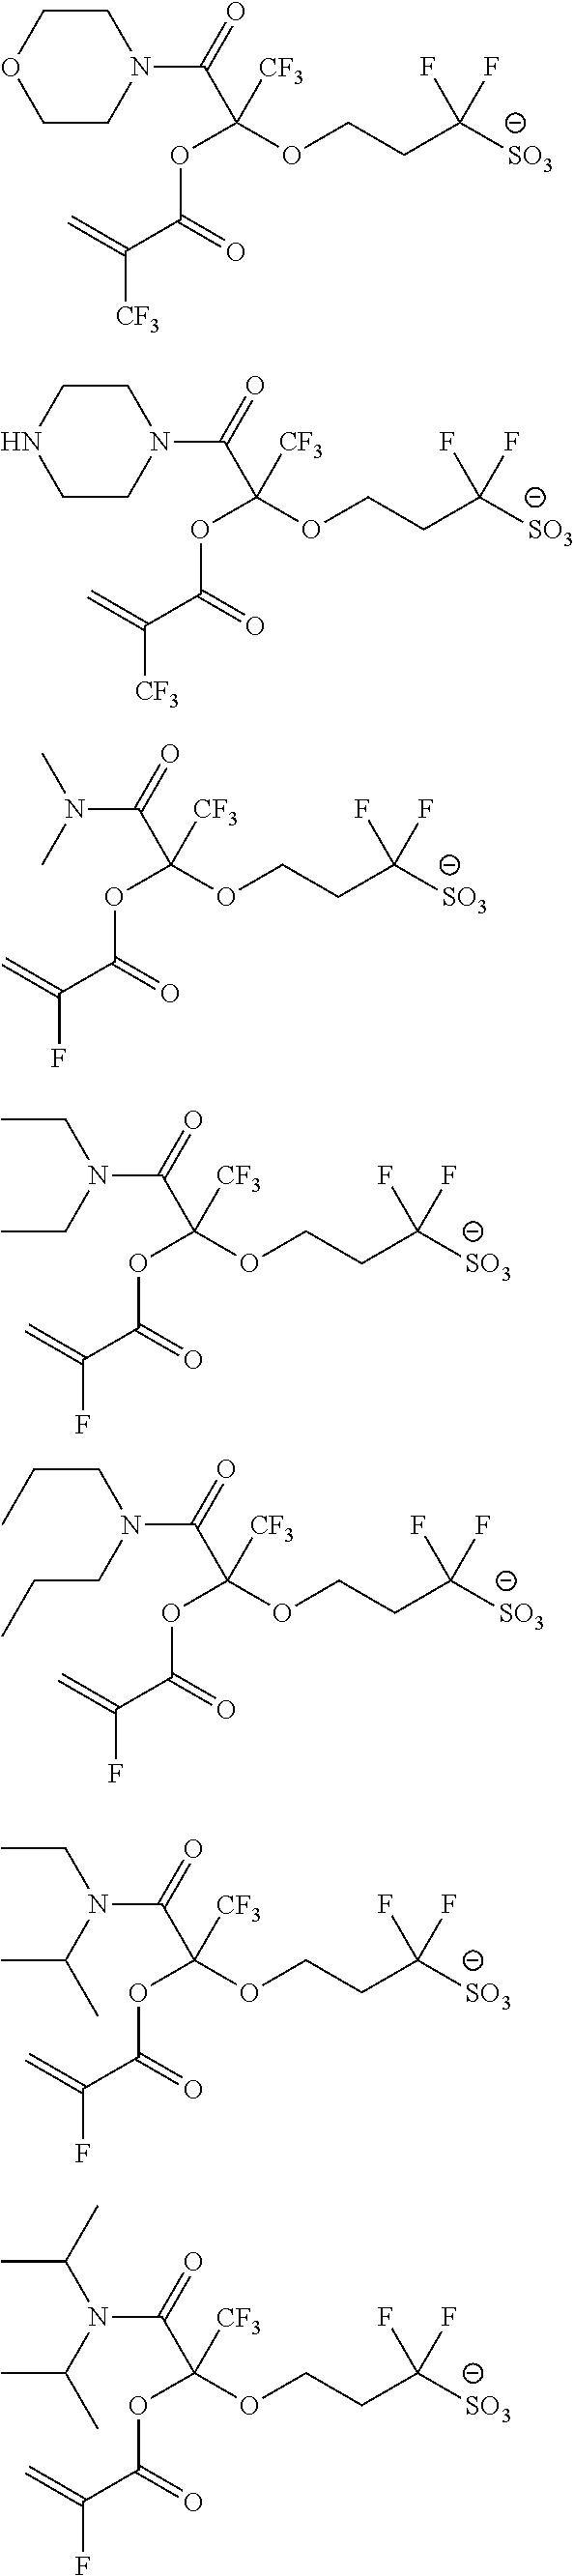 Figure US09182664-20151110-C00079